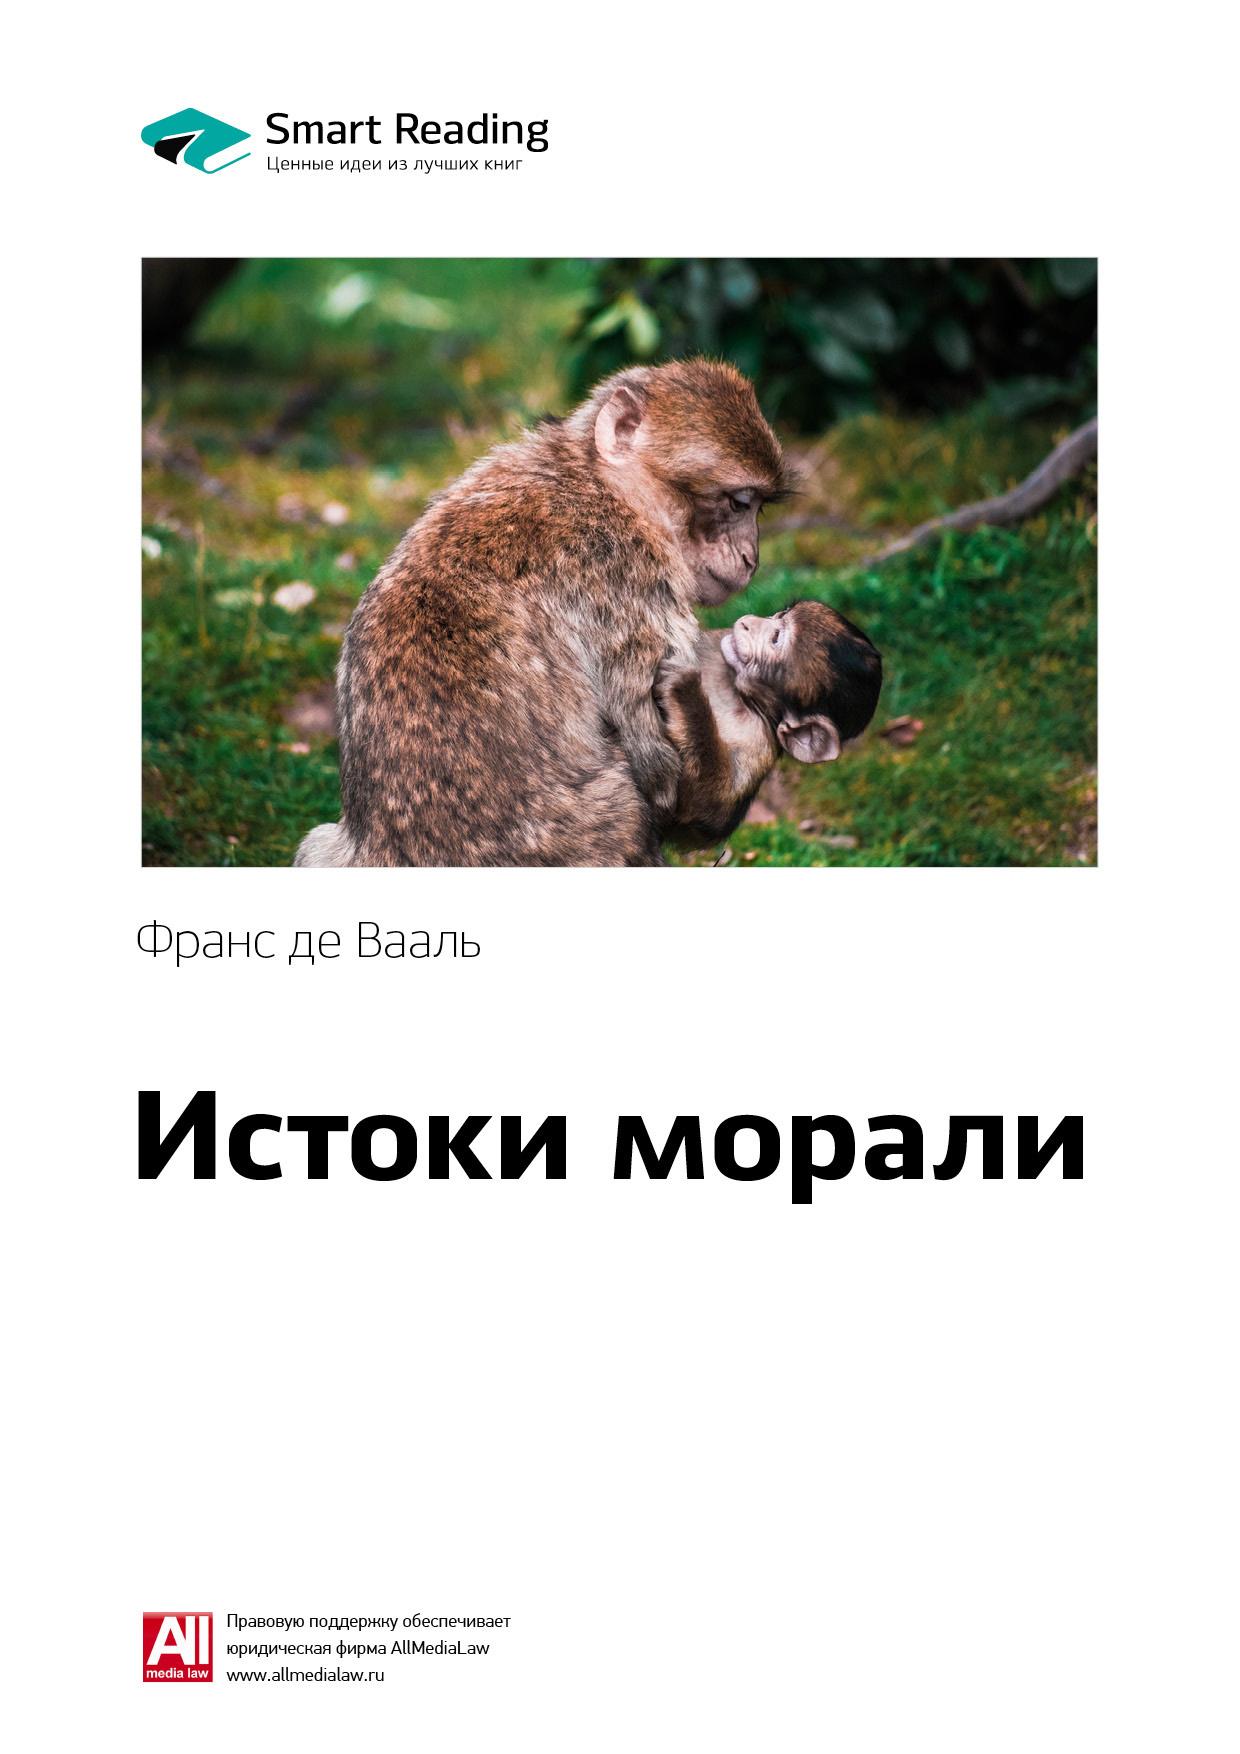 Ключевые идеи книги: Истоки морали. В поисках человеческого у приматов. Франс де Вааль